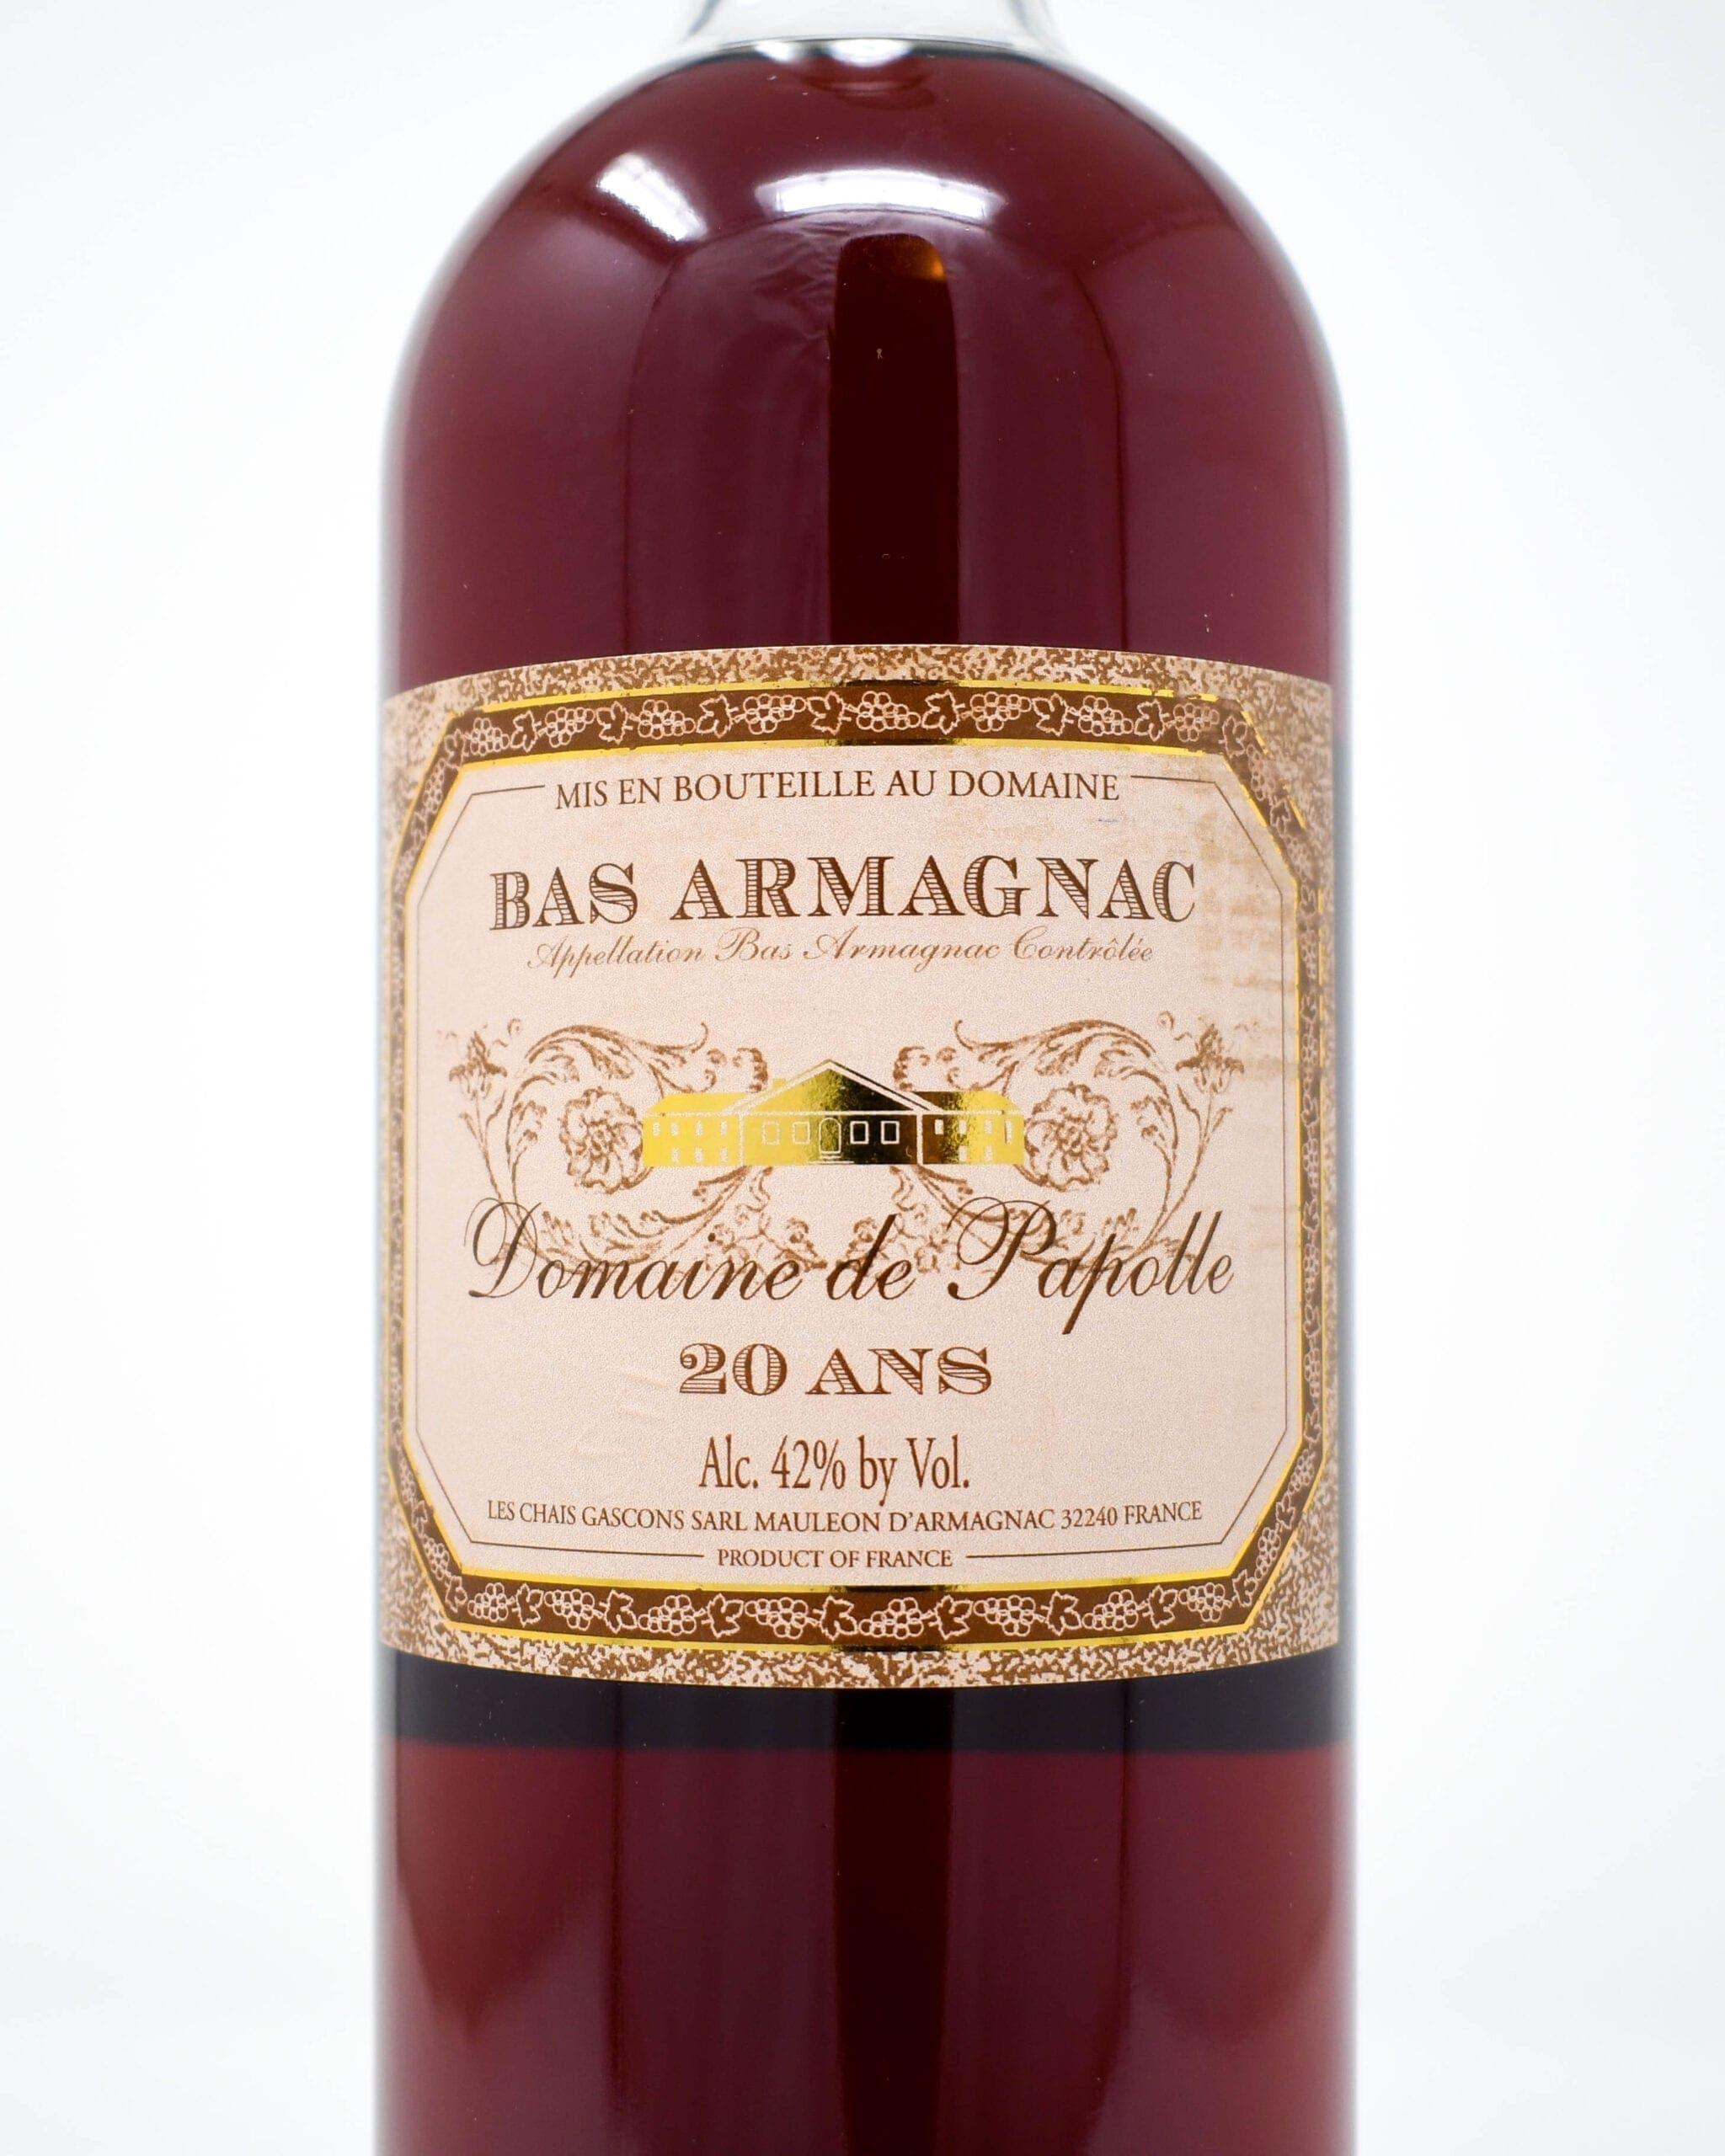 Domaine de Papolle, Bas Armagnac 20 Ans